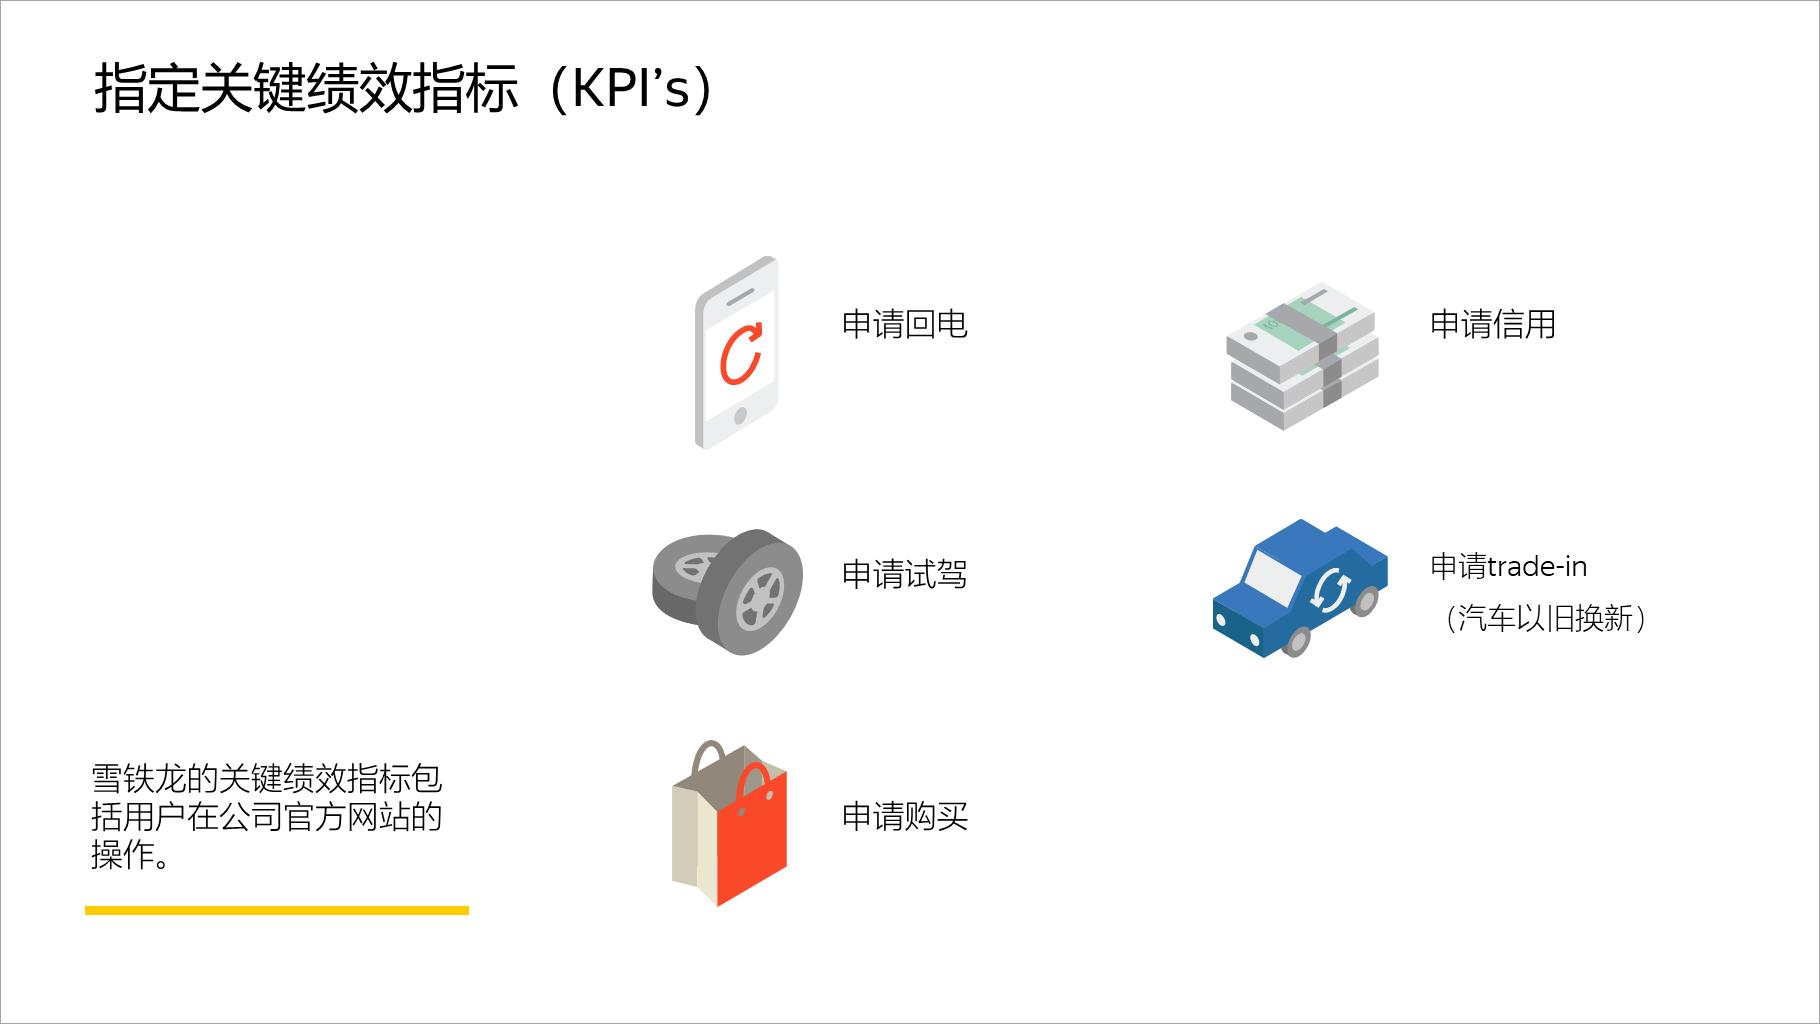 指定关键绩效指标(KPI's)